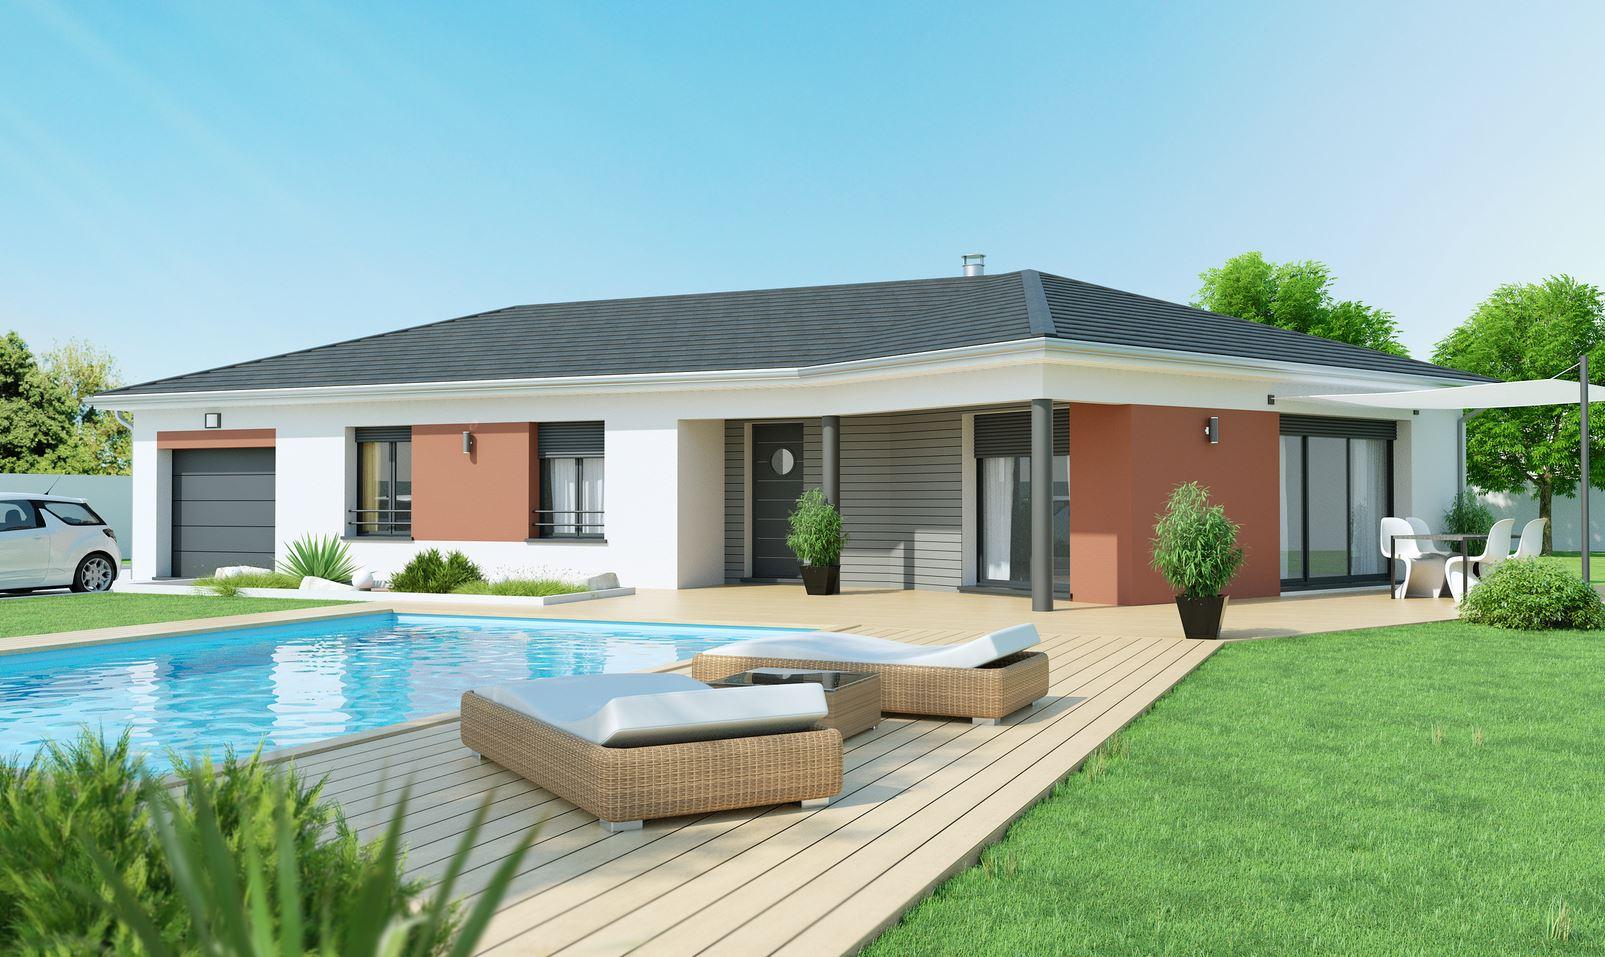 Maisons axial constructeur maisons individuelles for Constructeur de maison individuelle 69